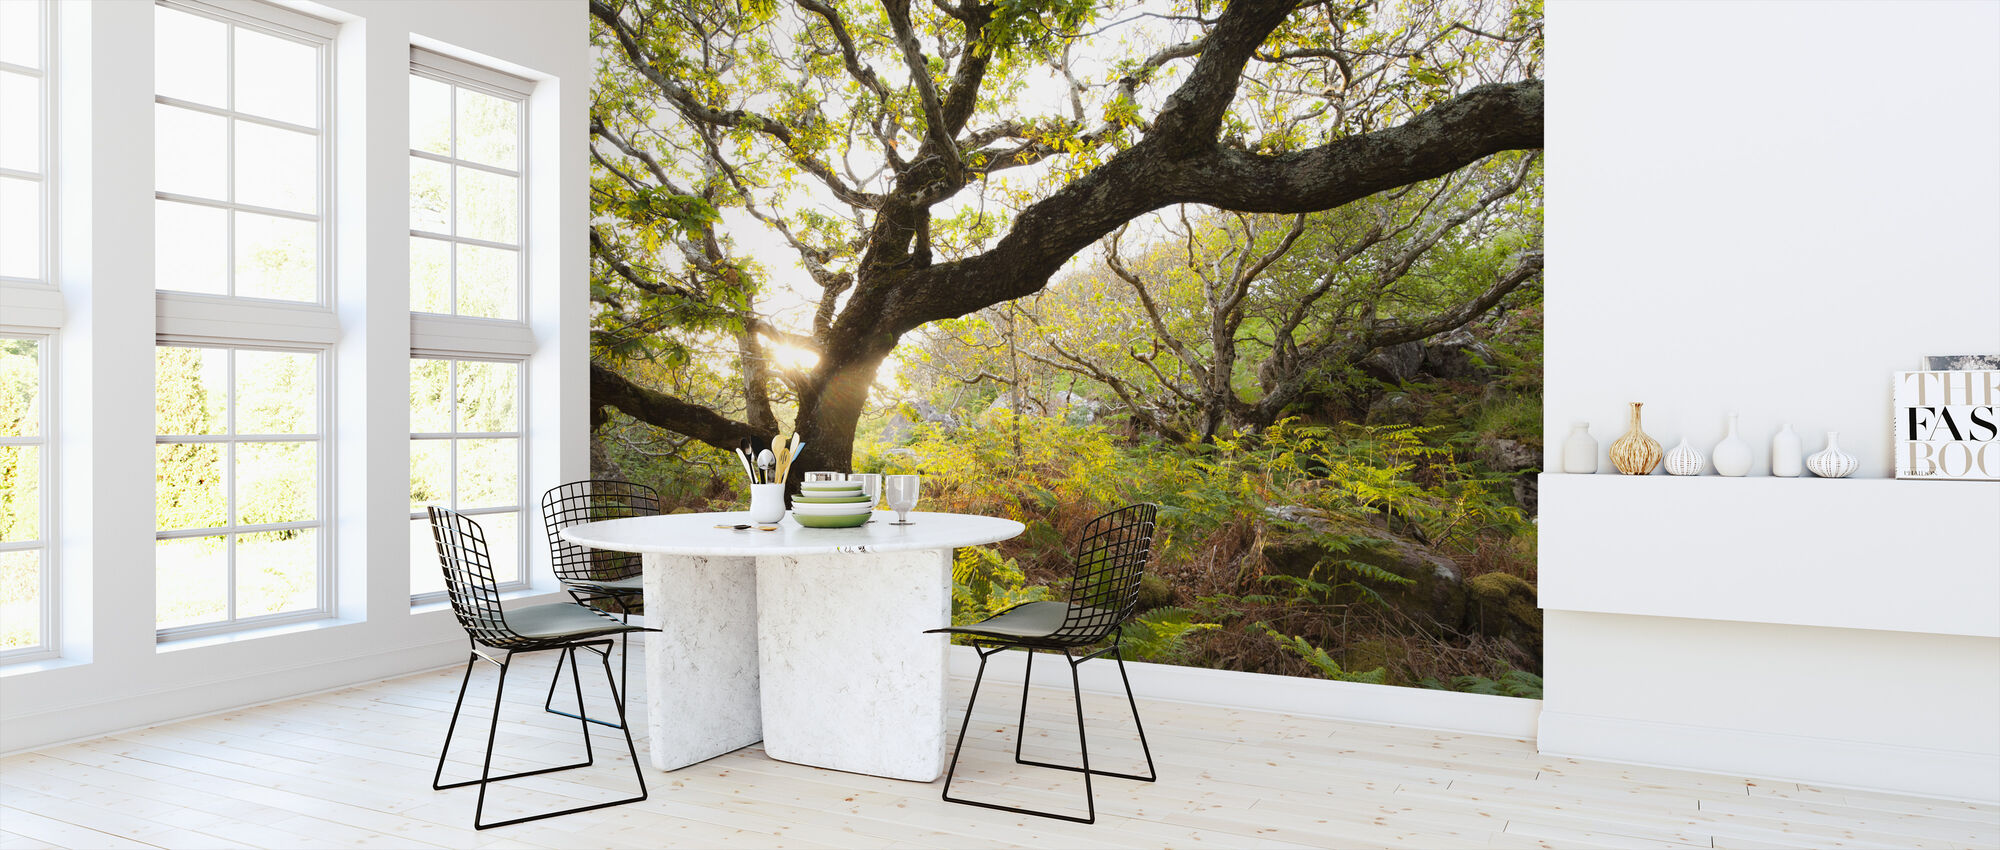 Store Egetræ - Tapet - Køkken